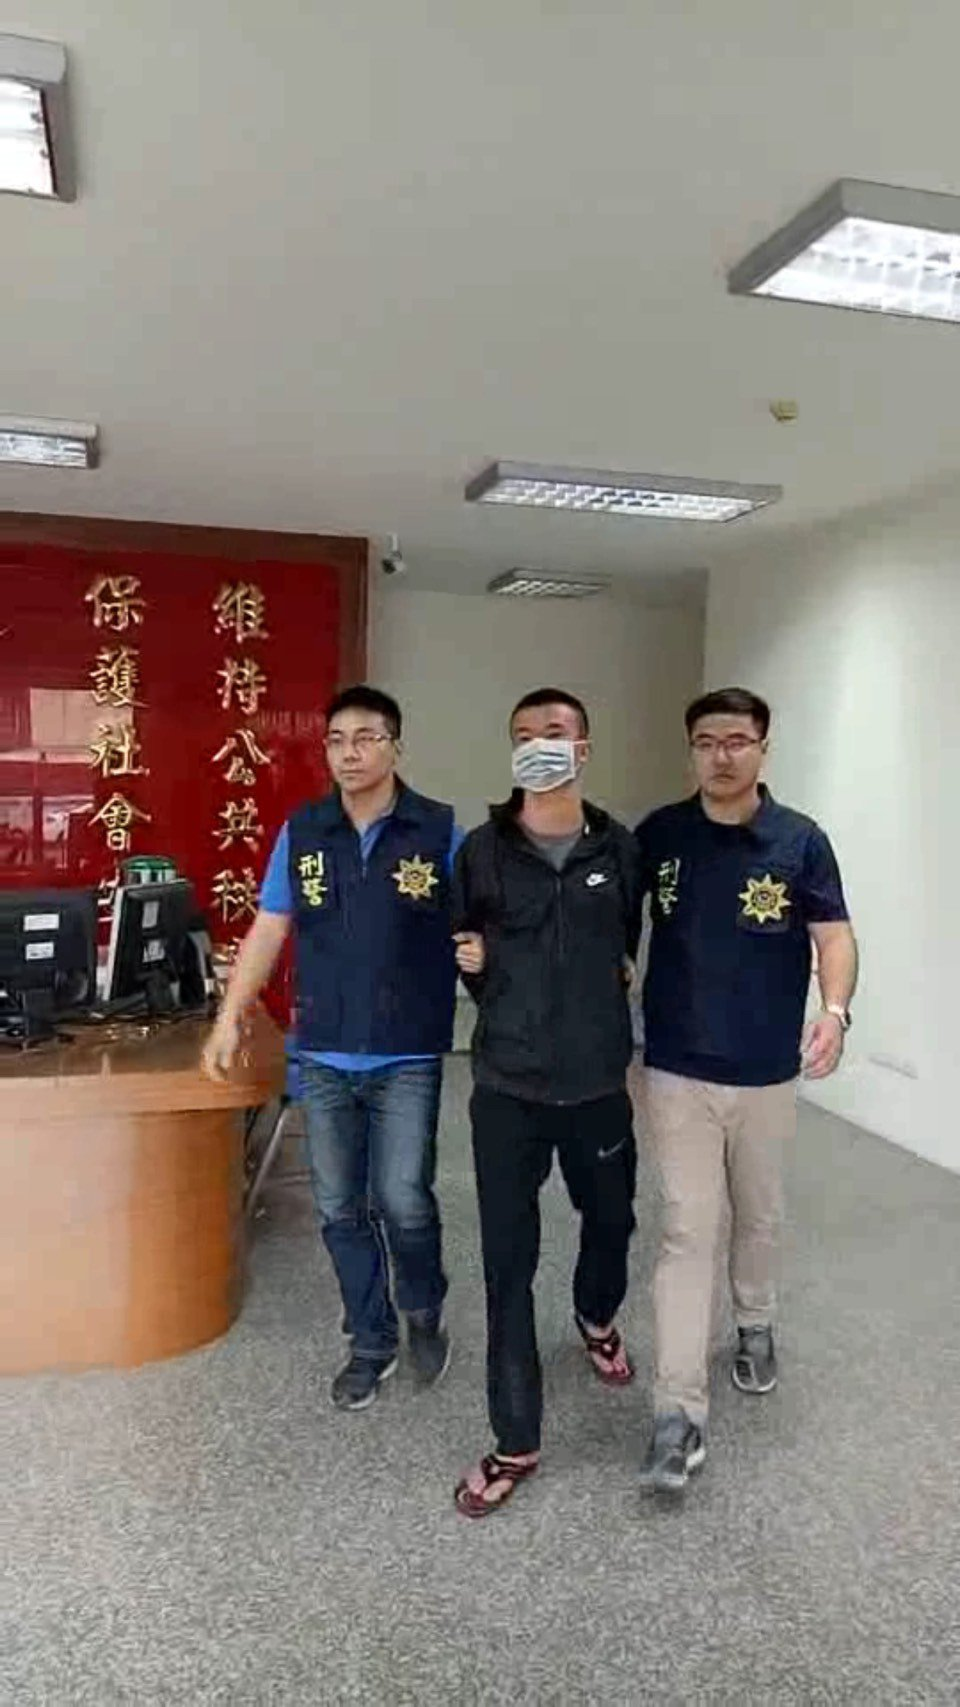 屏東市河濱公園槍擊命案,屏警會同刑事局已逮獲九名嫌犯。圖/讀者提供